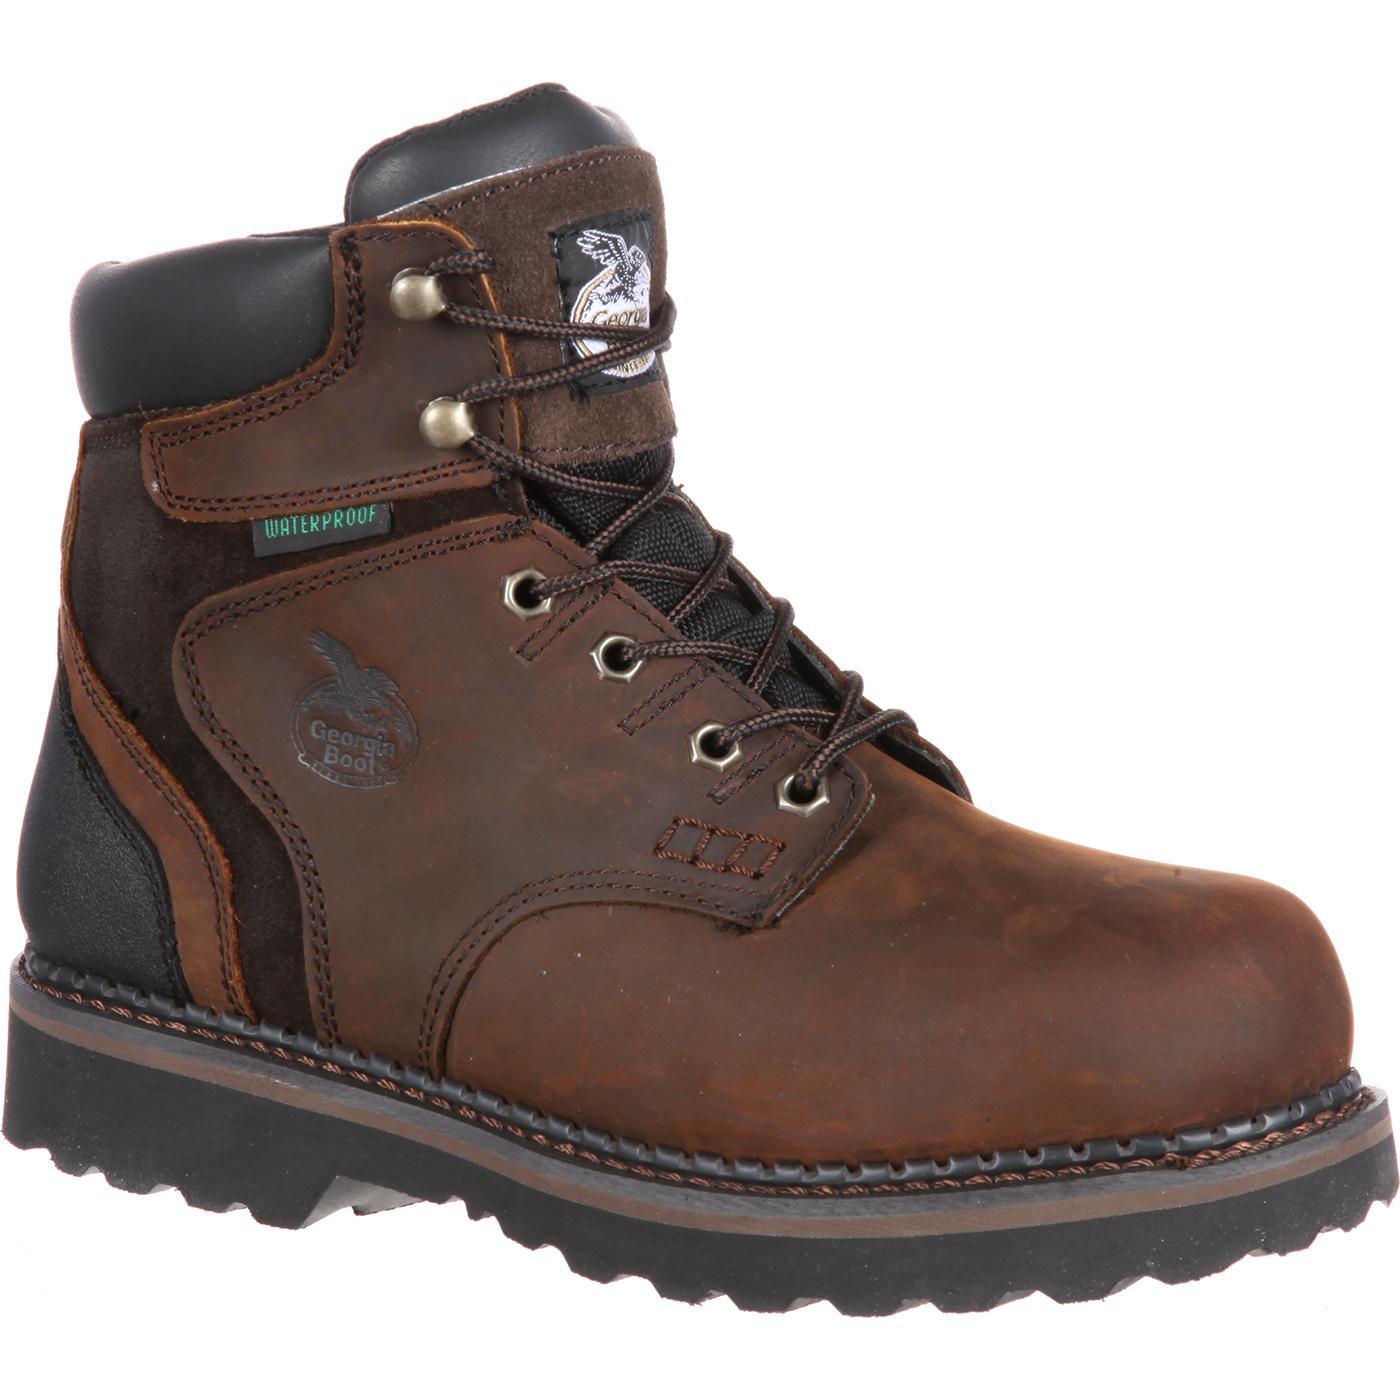 Georgia Brookville Steel Toe Waterproof Work Boot G7334